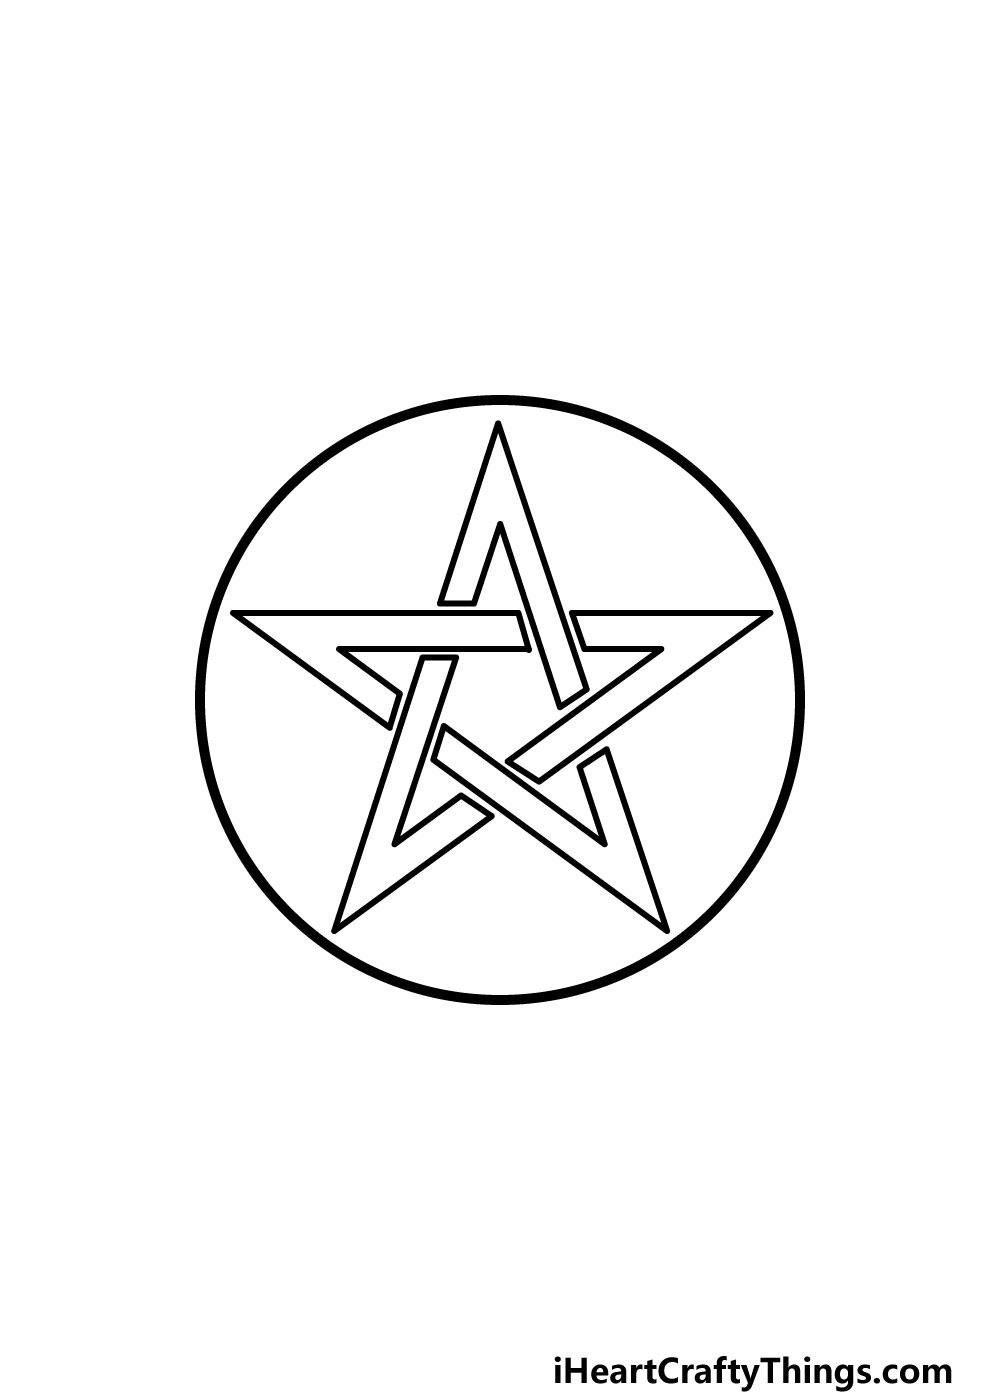 drawing a pentagram step 7